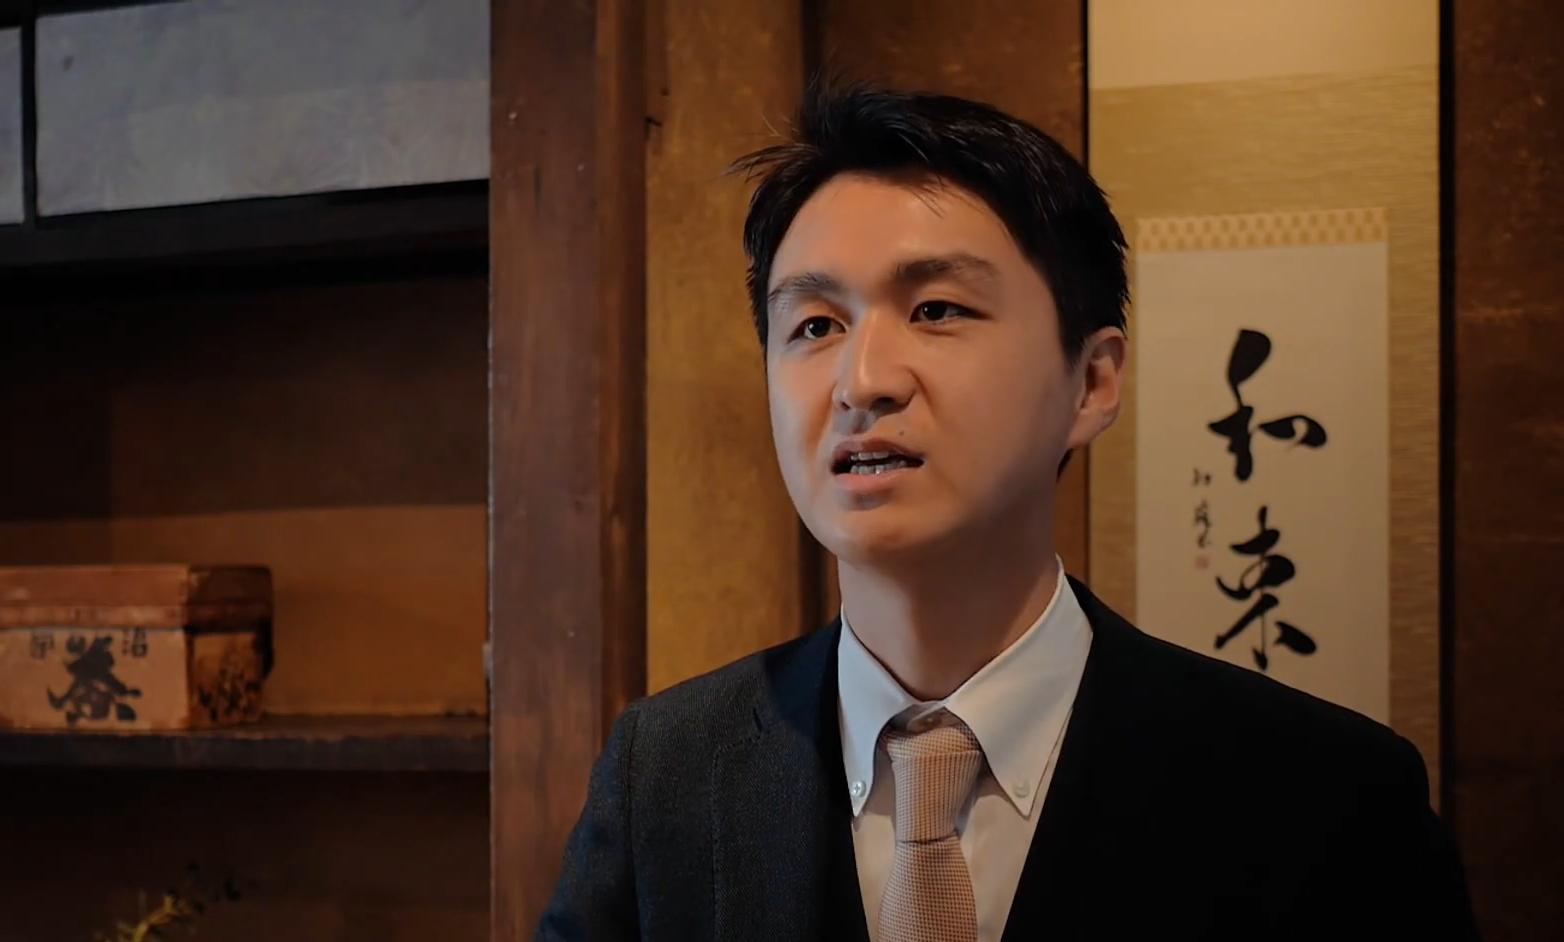 株式会社Nazuna代表取締役 大門真悟氏